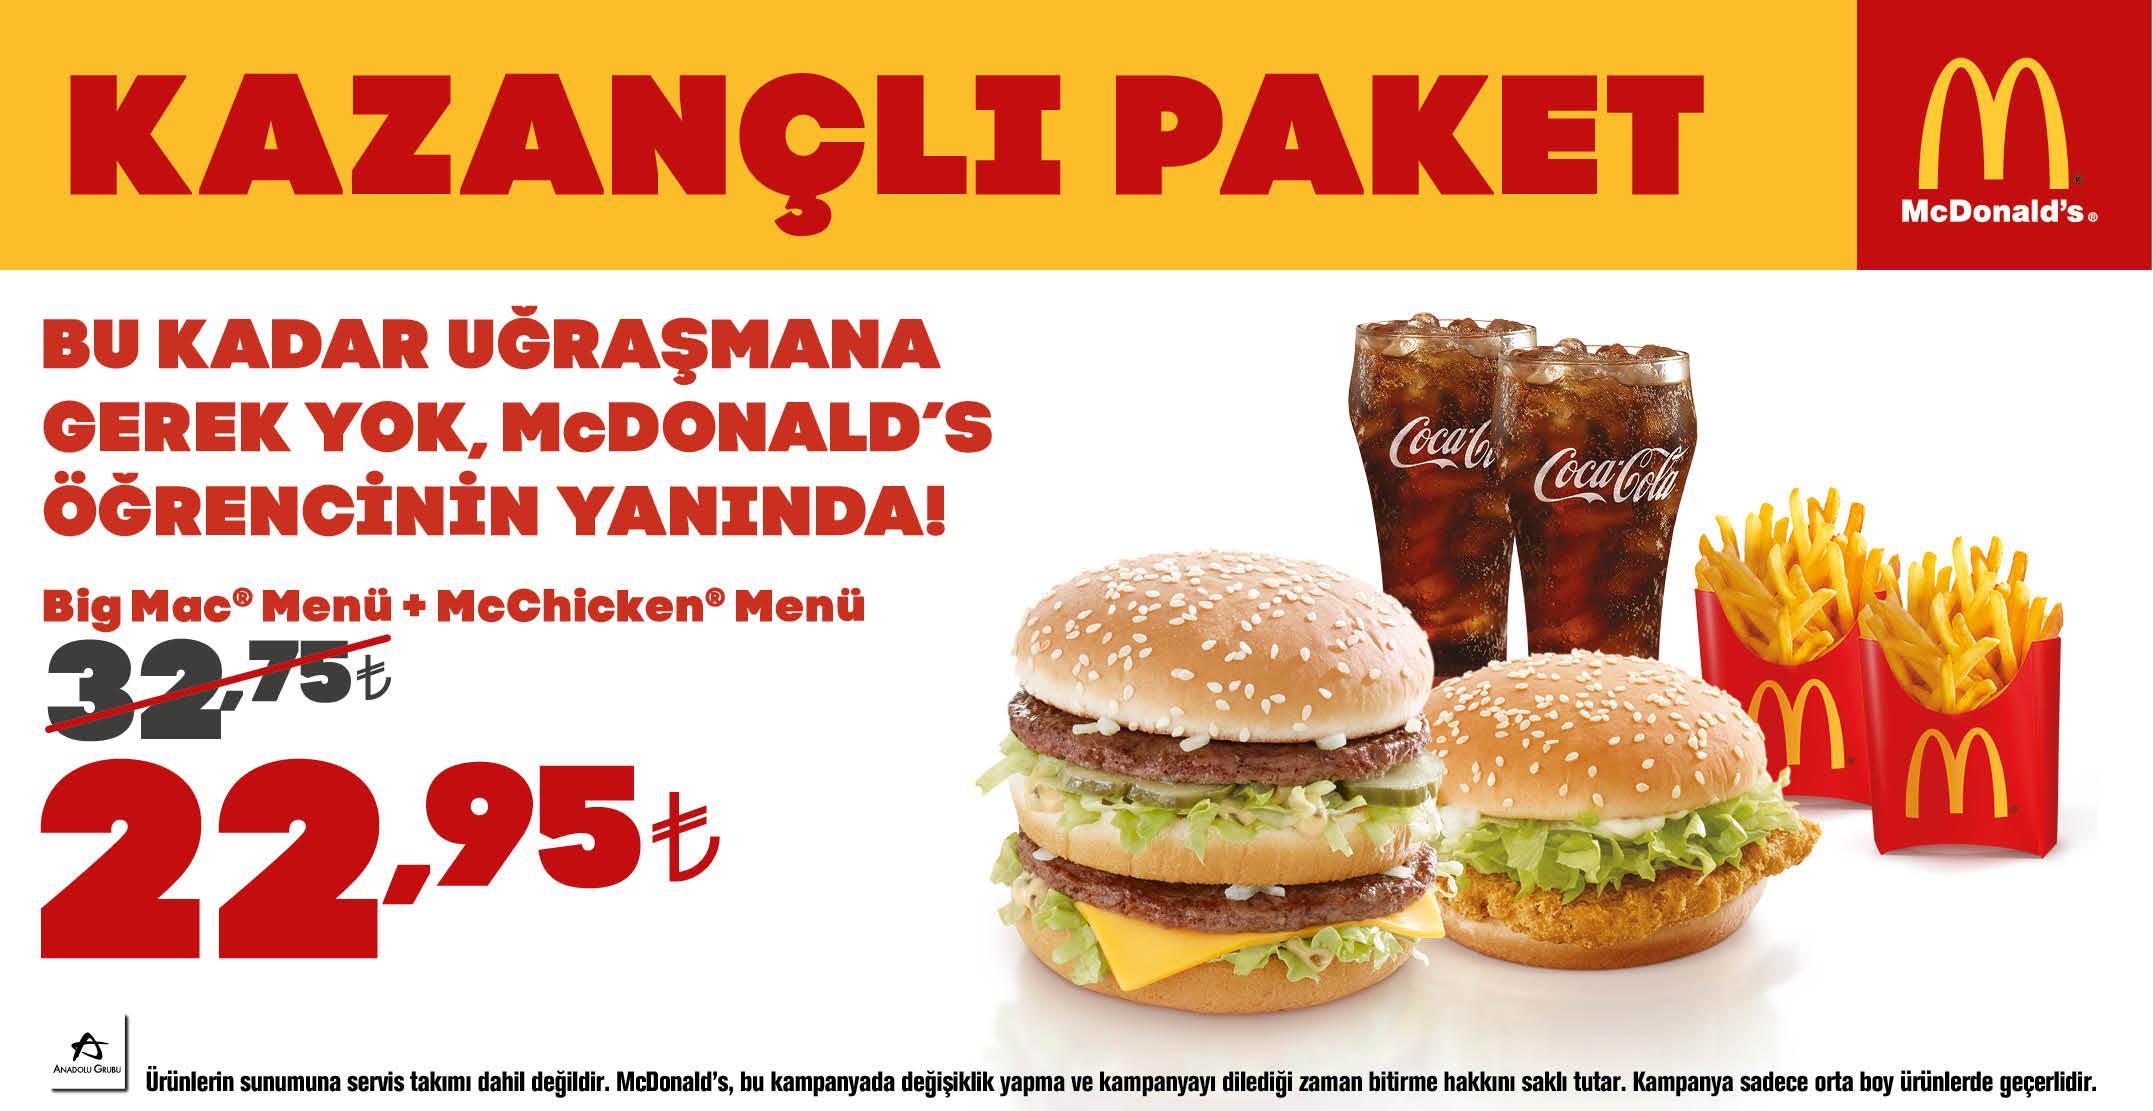 mcdonalds-yemekcom-reklam